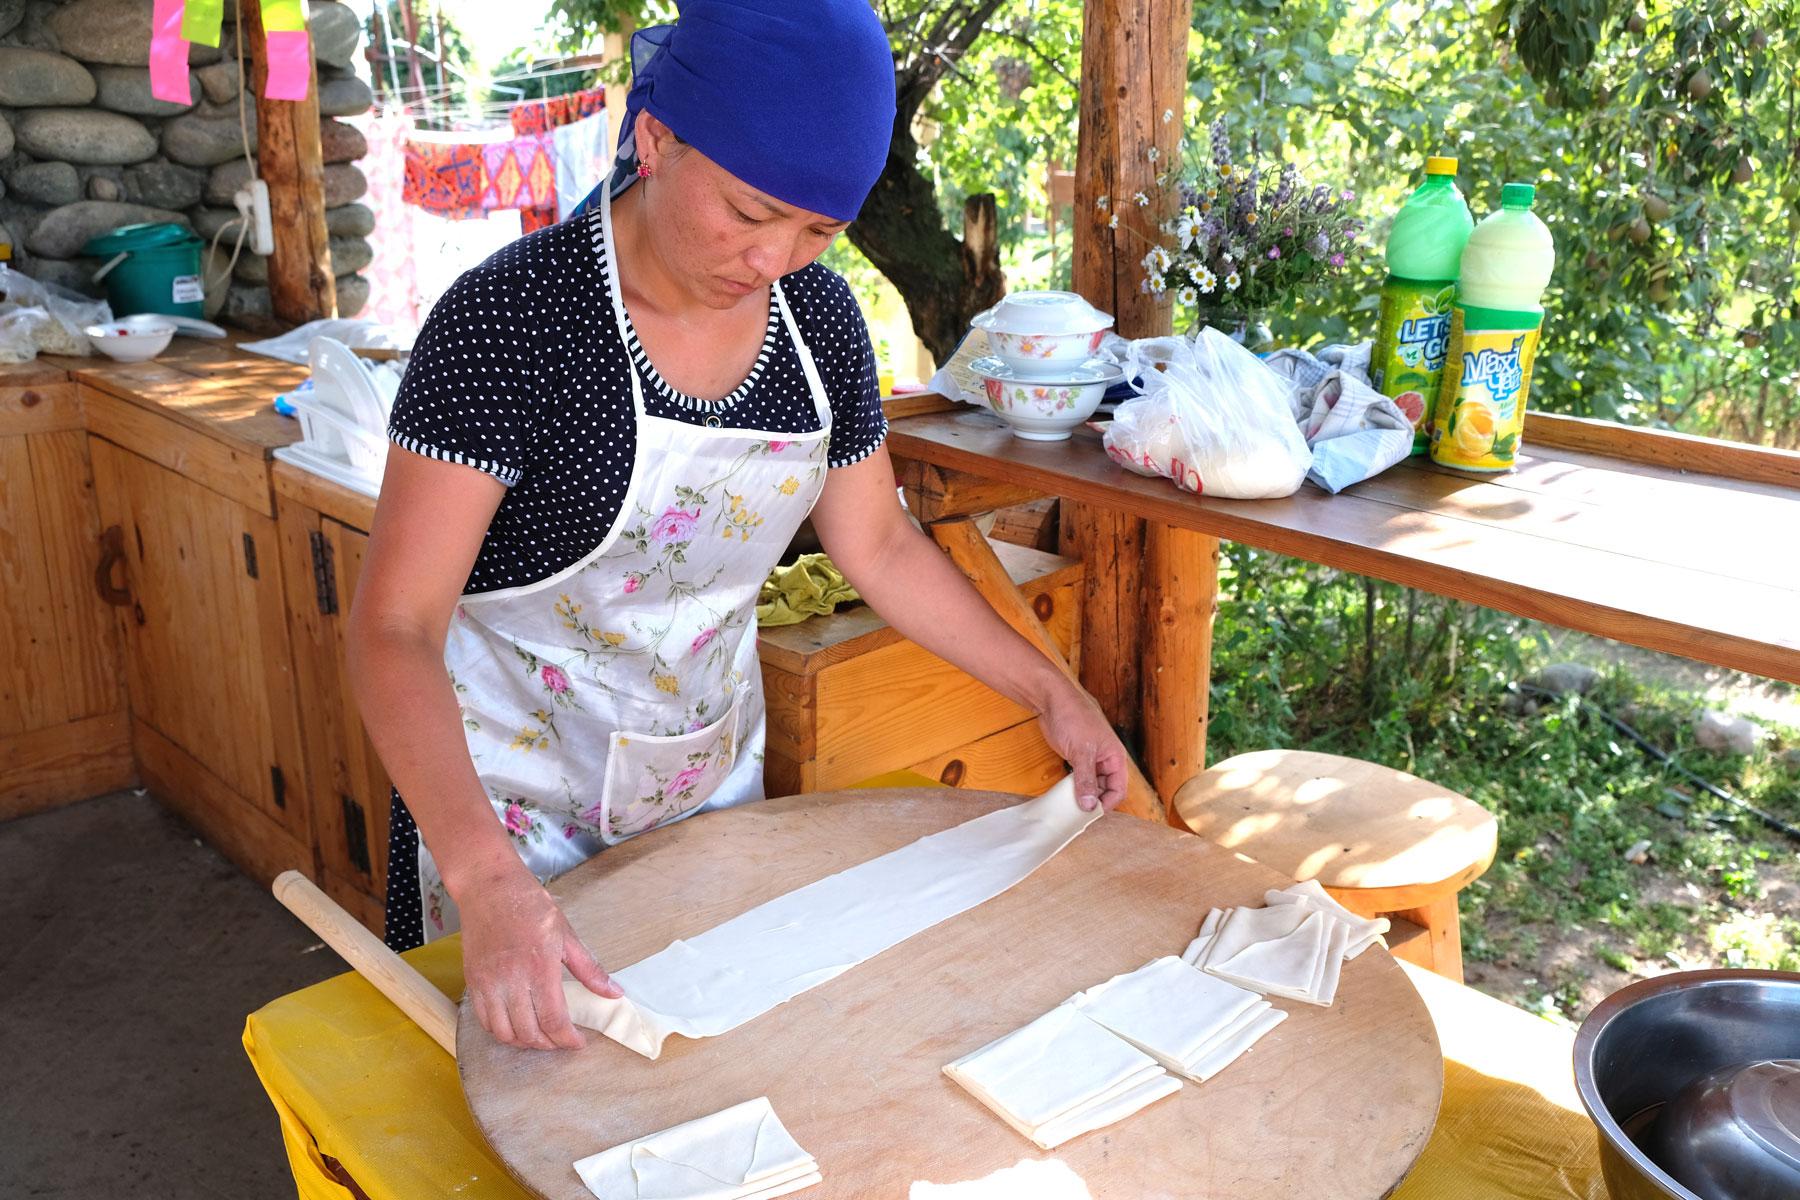 Mit Köchin Samara lernen wir eines Nachmittags, wie man die zentralasiatischen Manty, gefüllte Nudelteigtaschen, macht